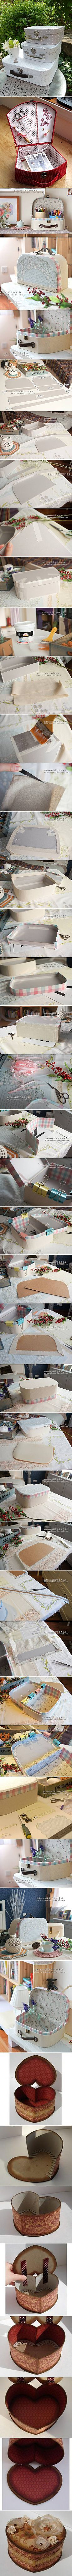 Коробочки шкатулки своими руками из картона .This is genius creation!:-)